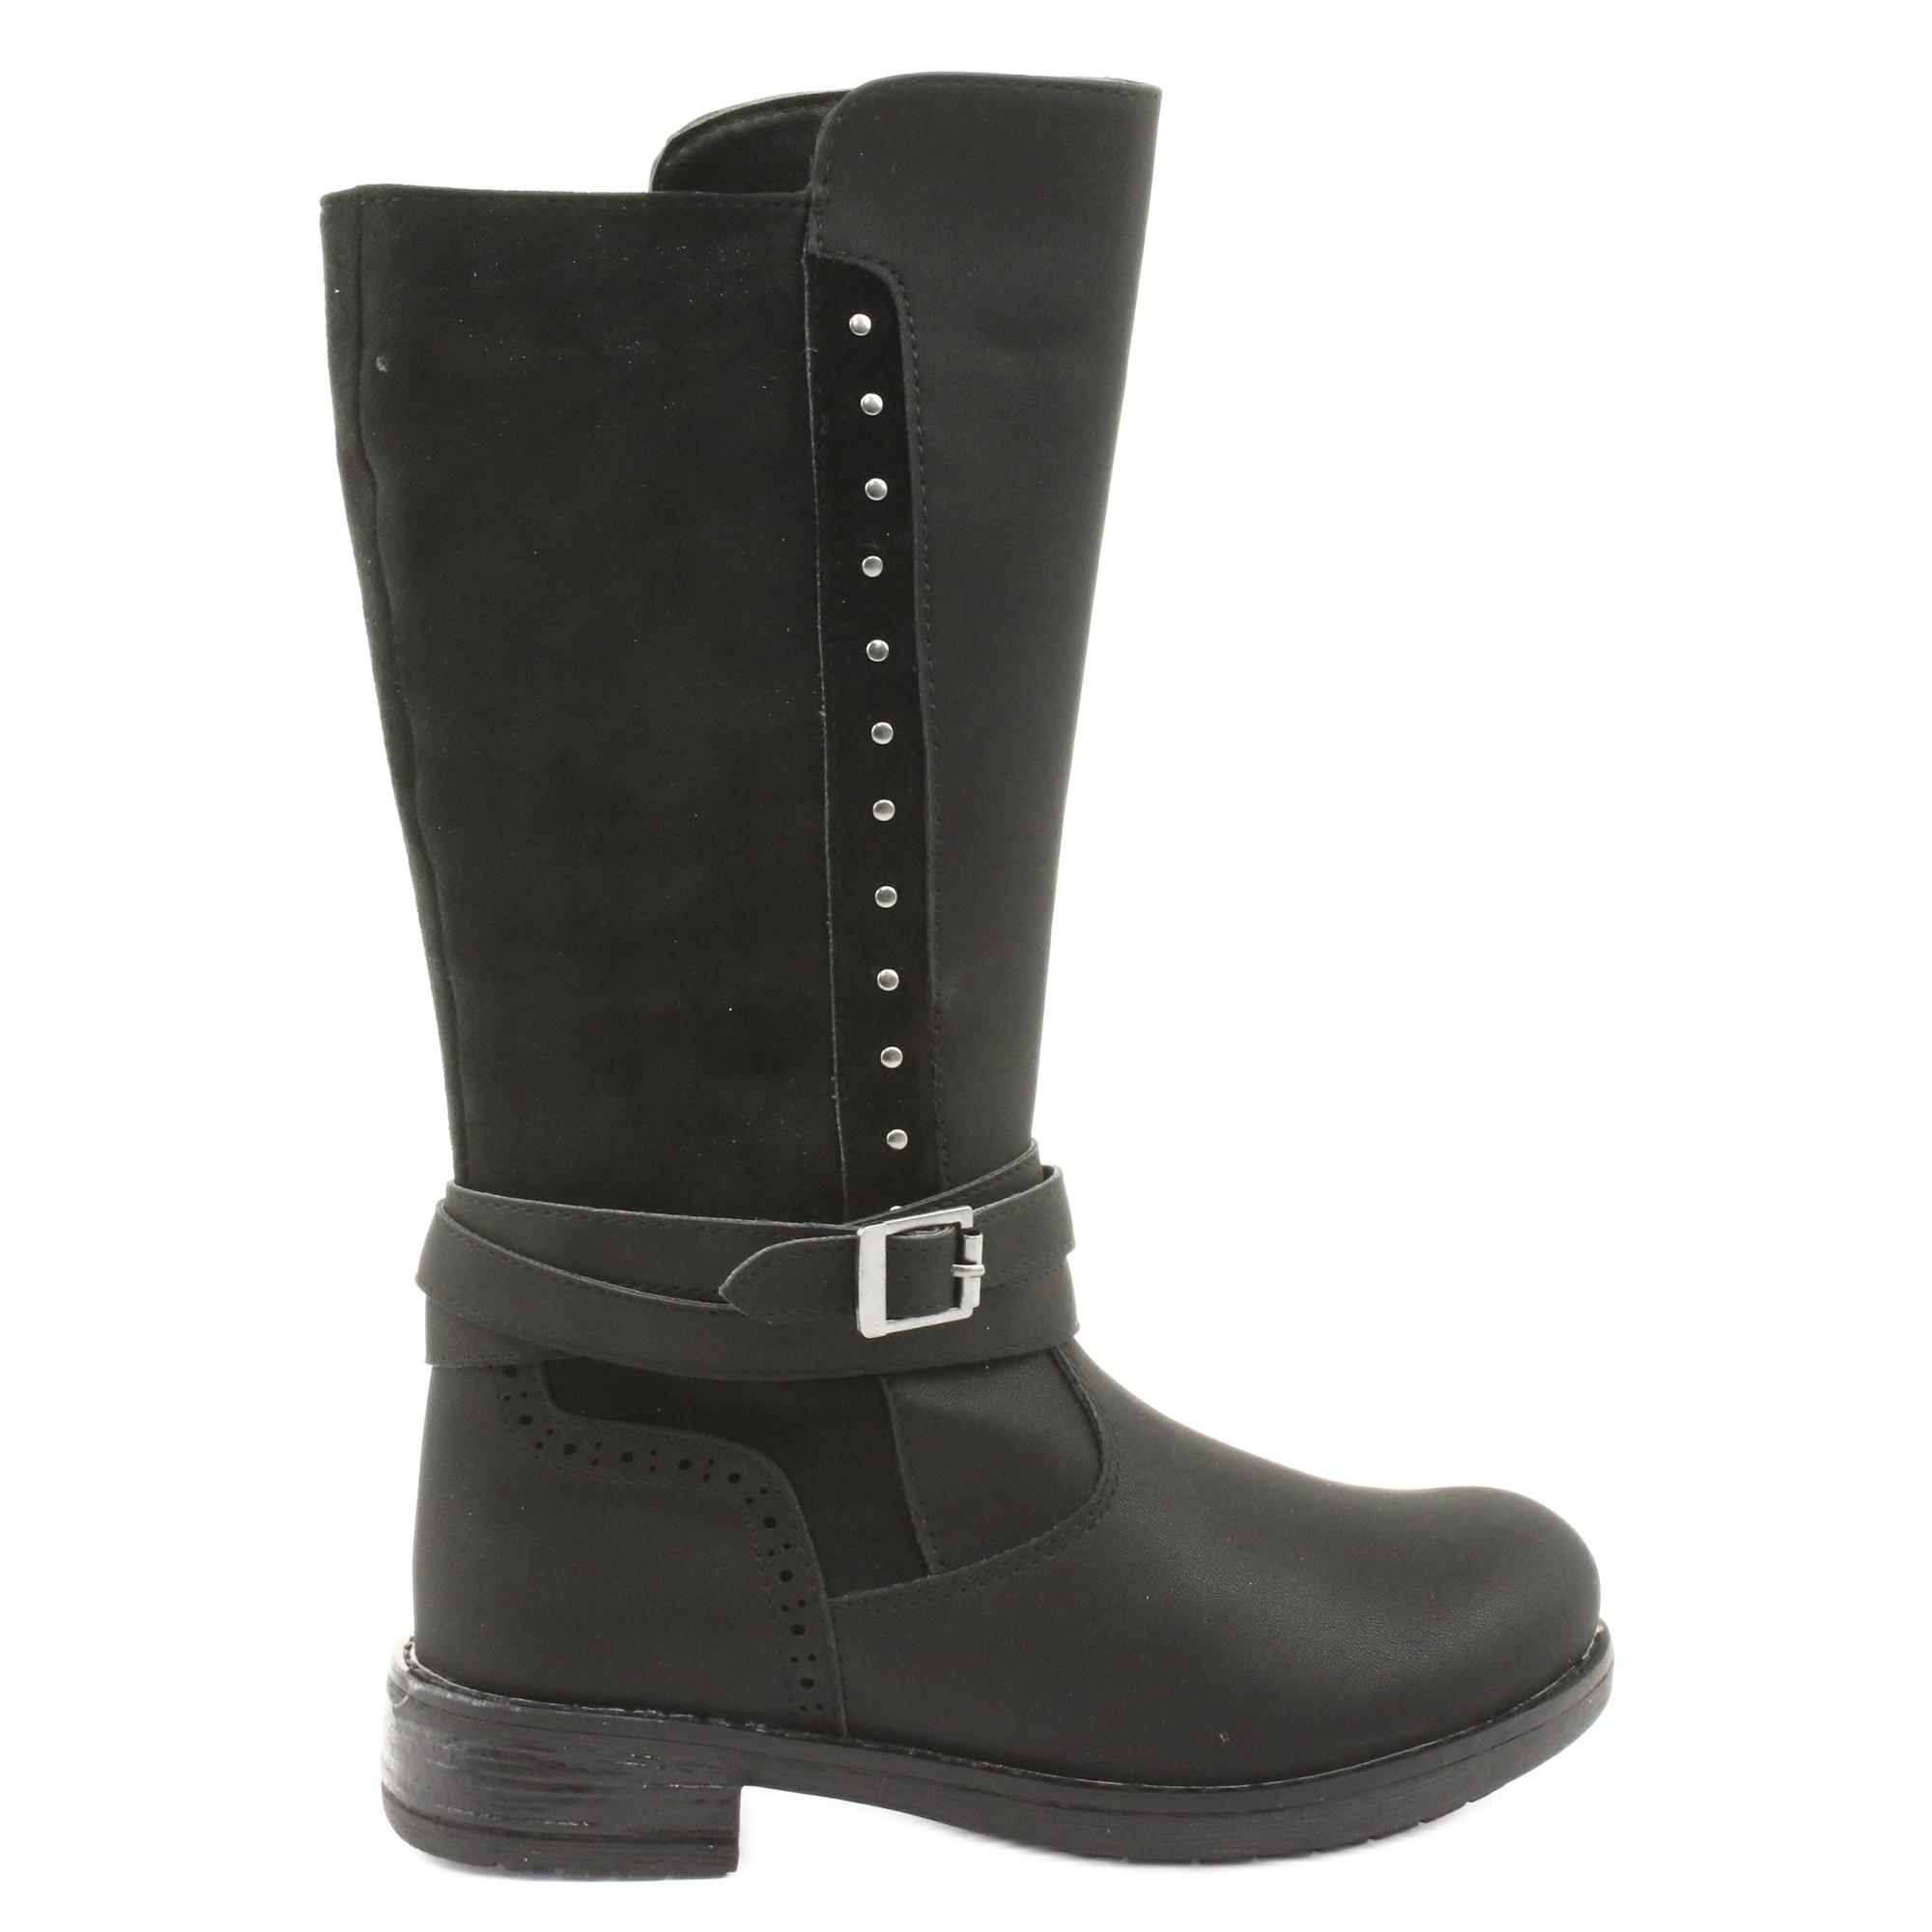 Stivali lunghi American Club GC31 con getti nero grigio